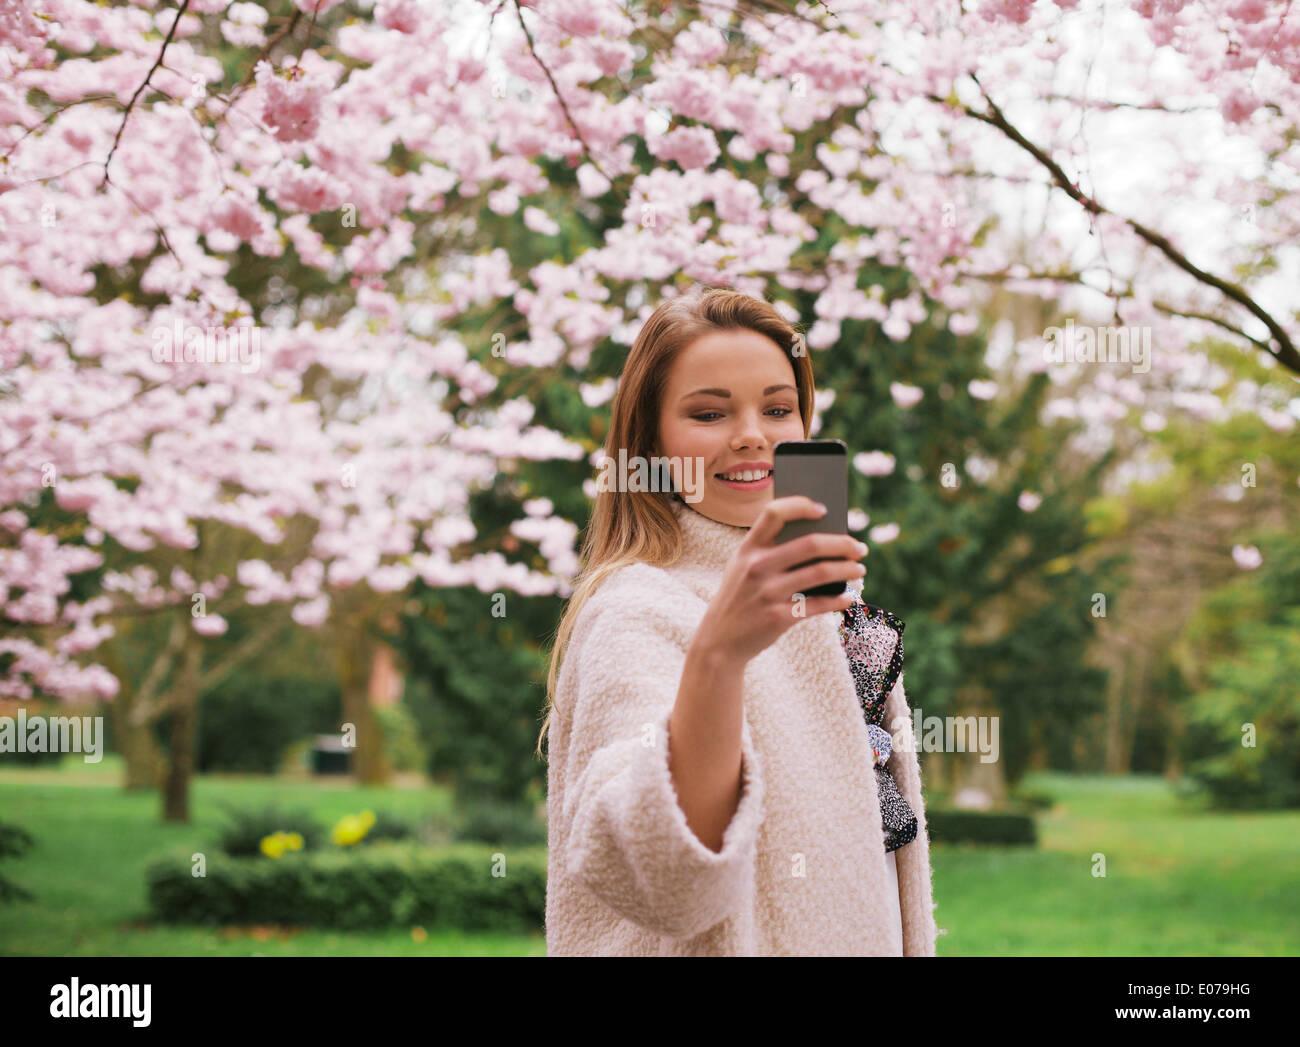 Hermosa mujer joven tomando fotos de con el smartphone en la primavera florecen park. Mujeres caucásicas disparando a estacionamiento con el teléfono. Imagen De Stock